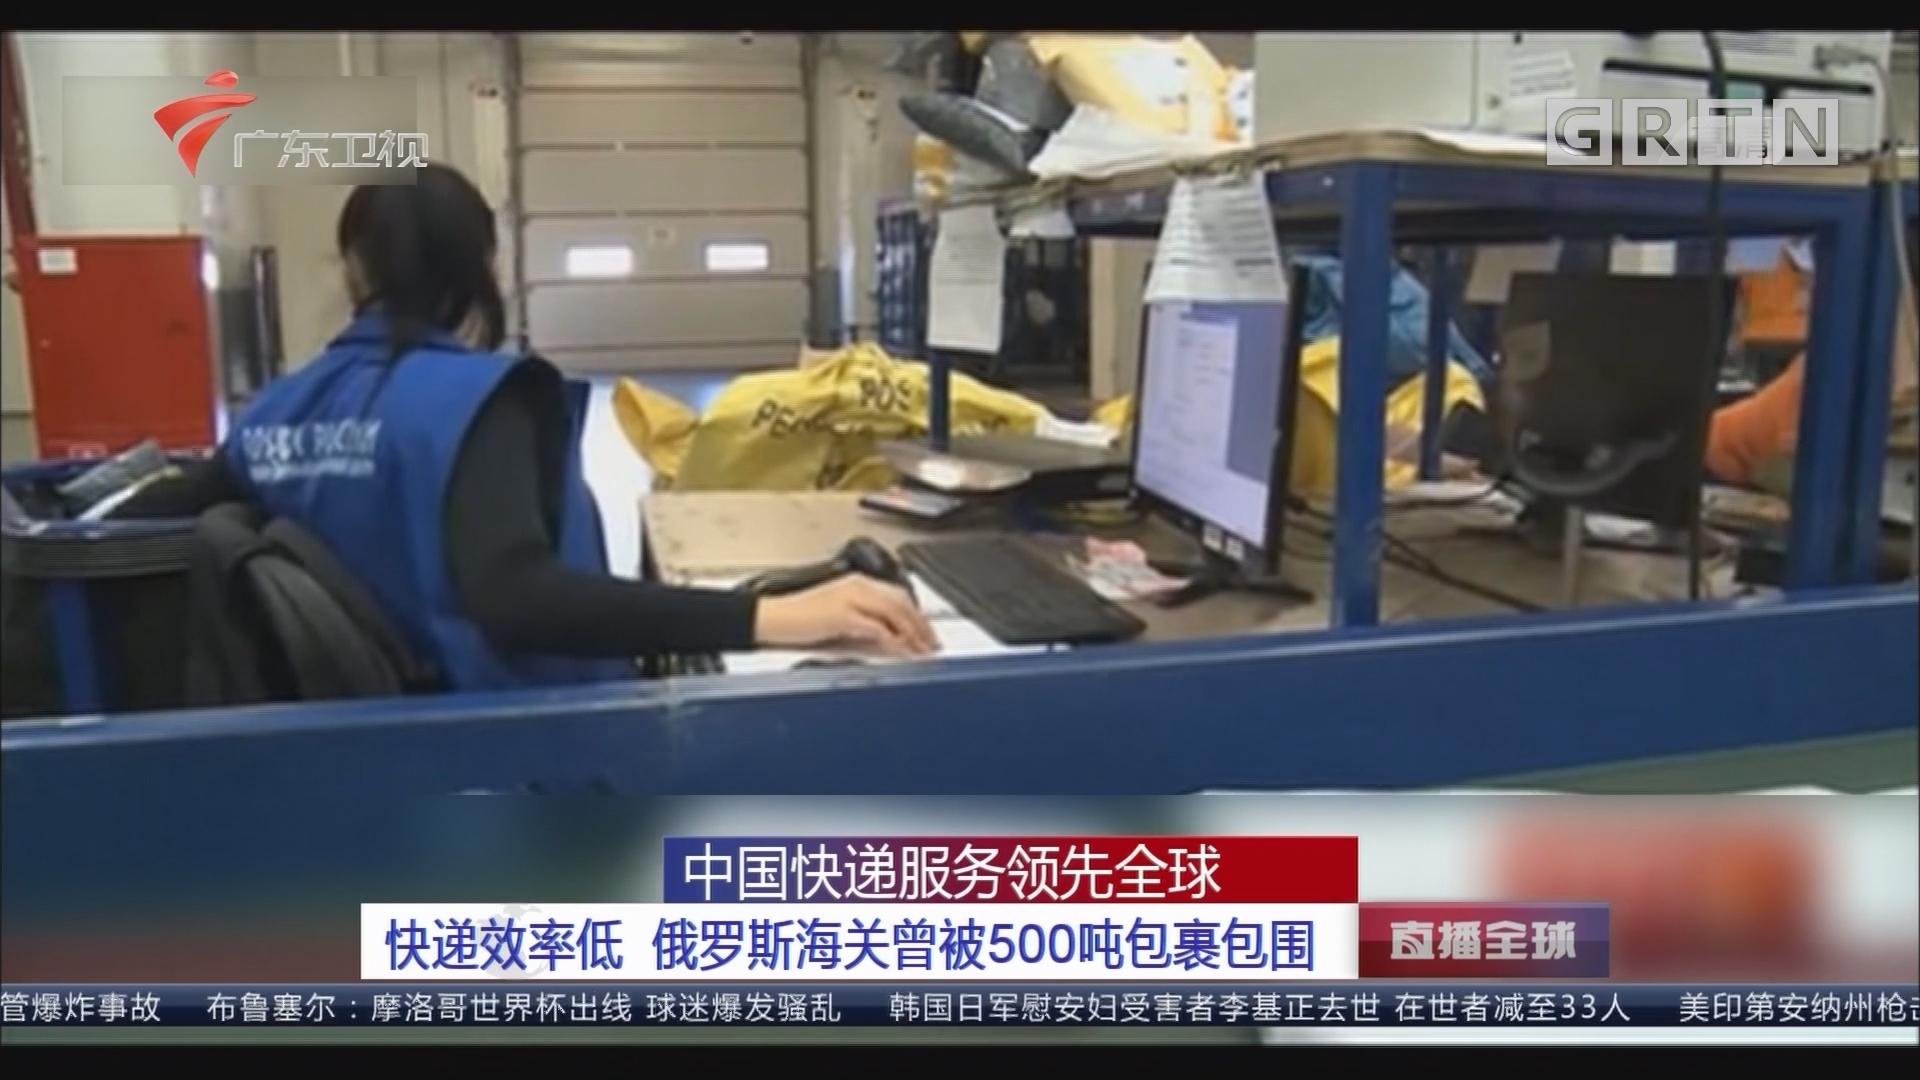 中国快递服务领先全球:快递效率低 俄罗斯海关曾被500吨包裹包围